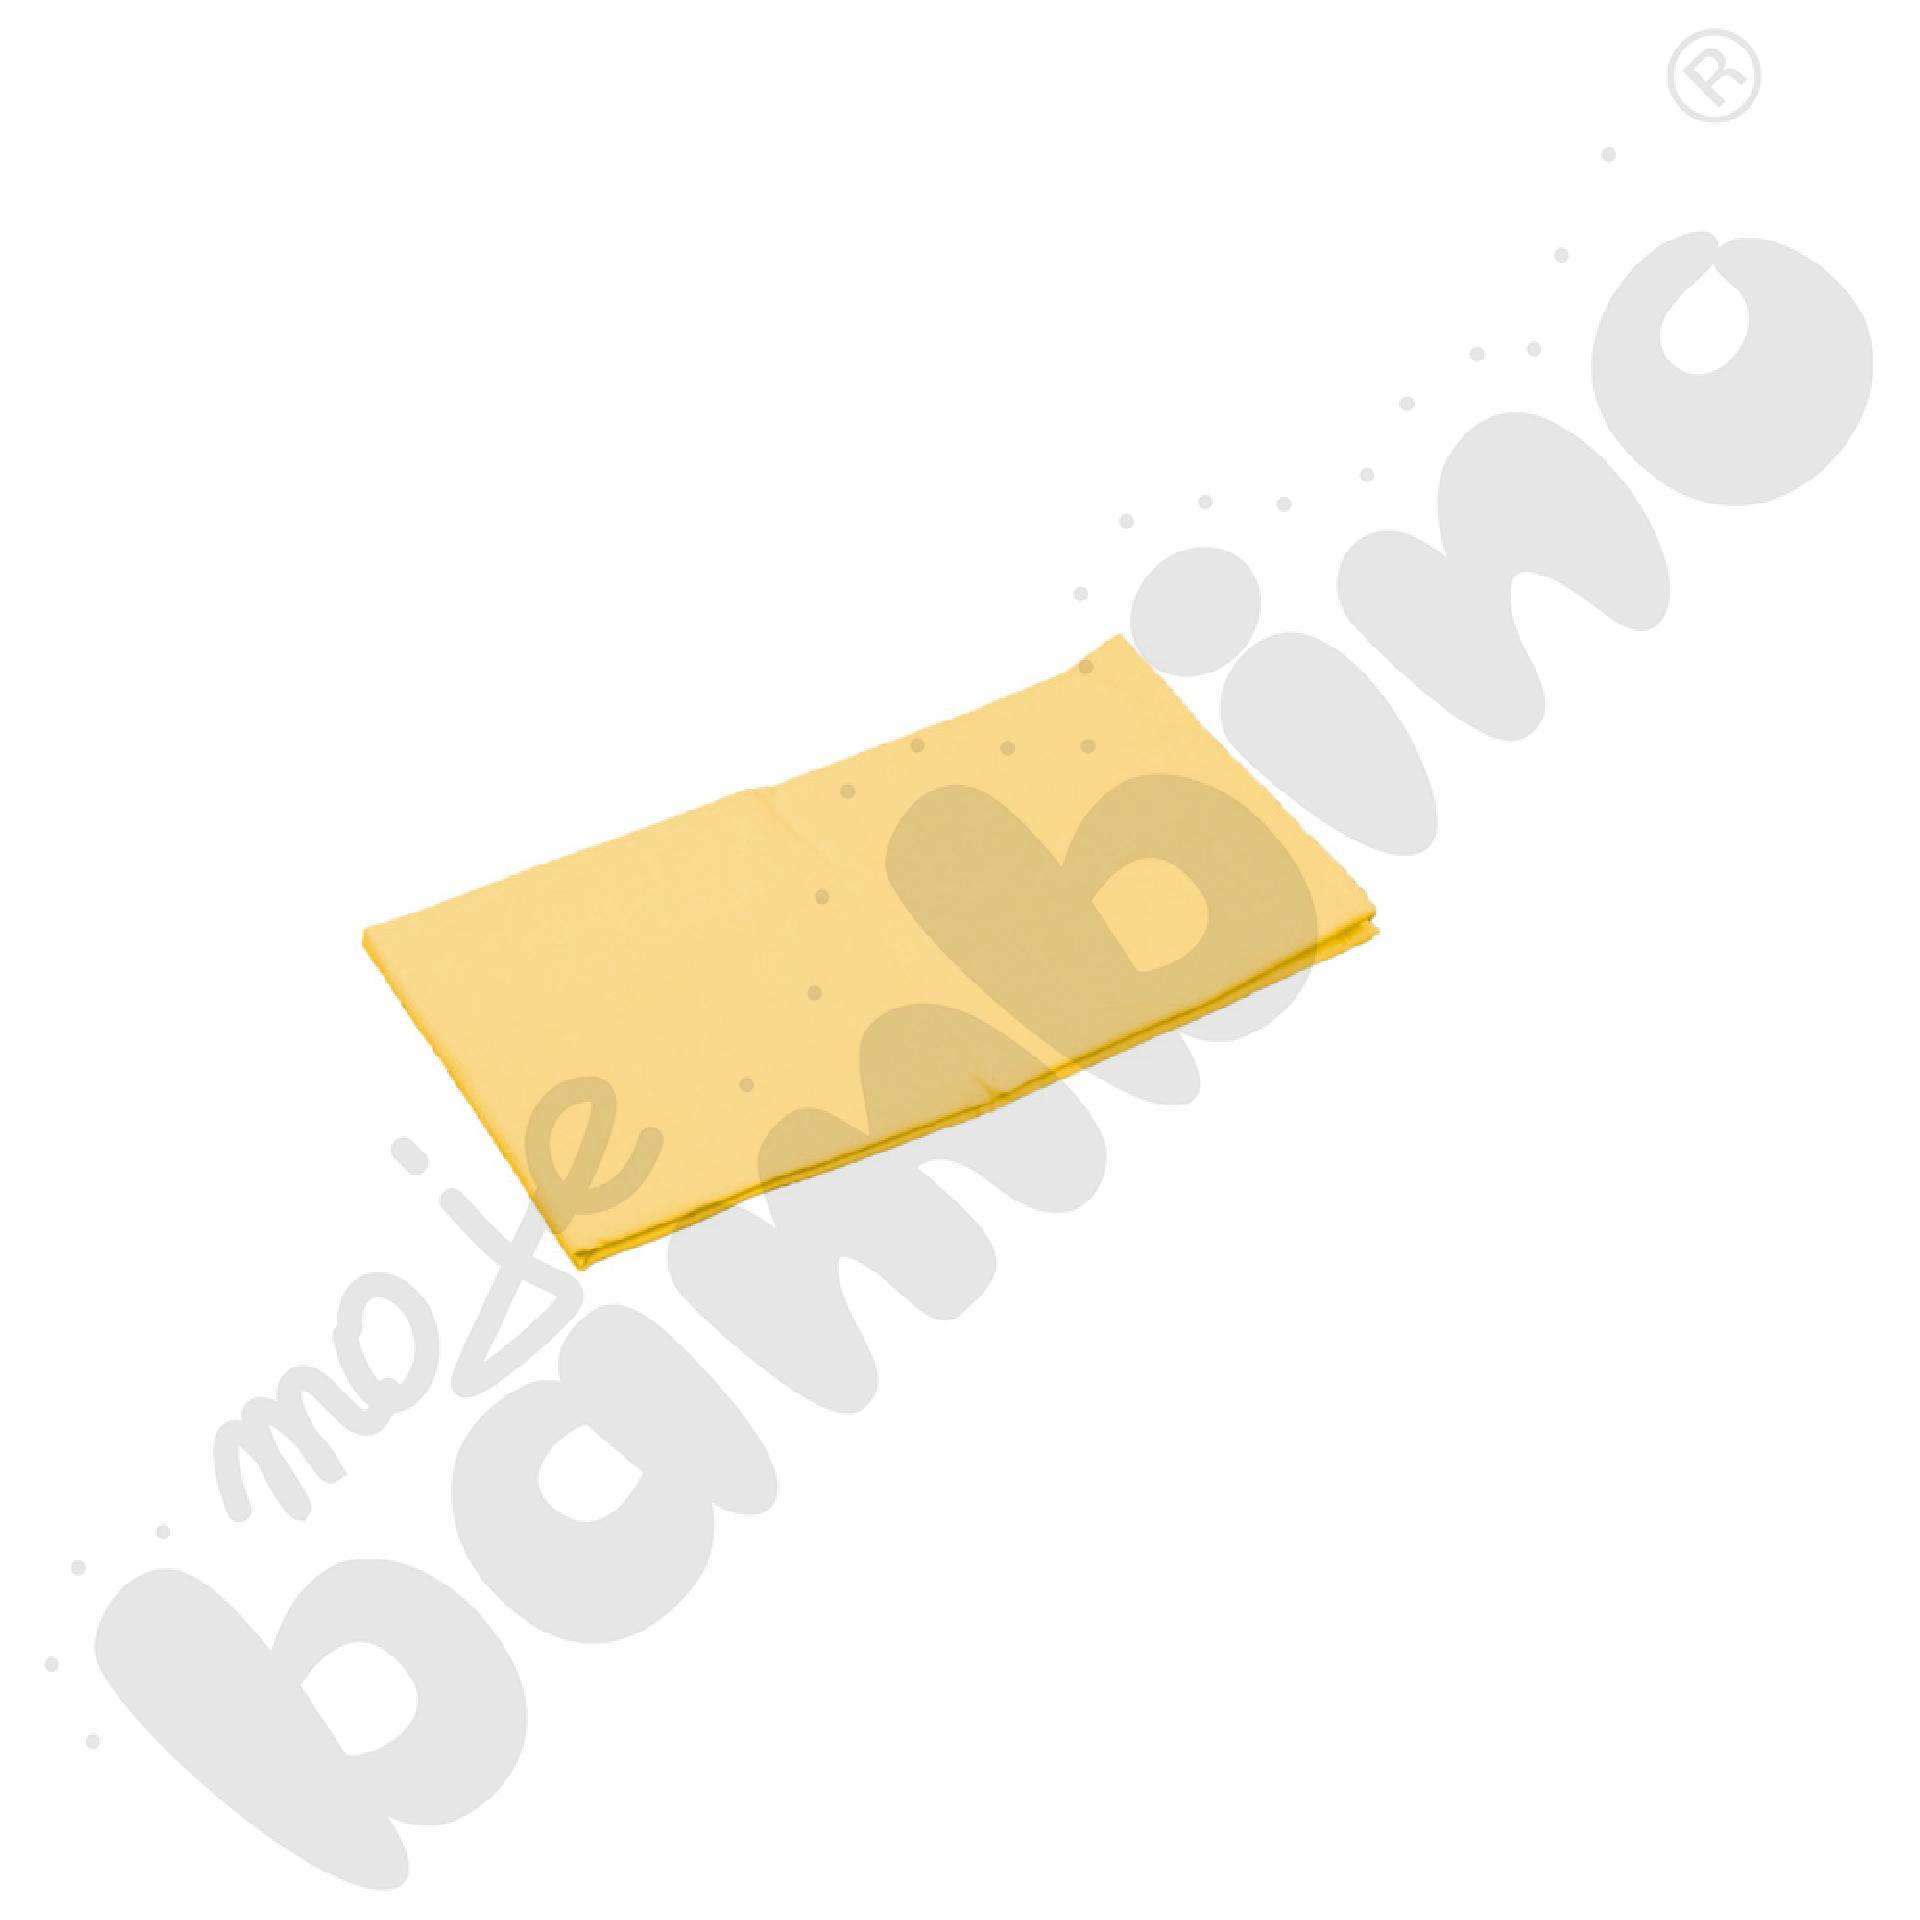 Prześcieradło z gumką (na materac) żółte wym. 140 x 70 cm